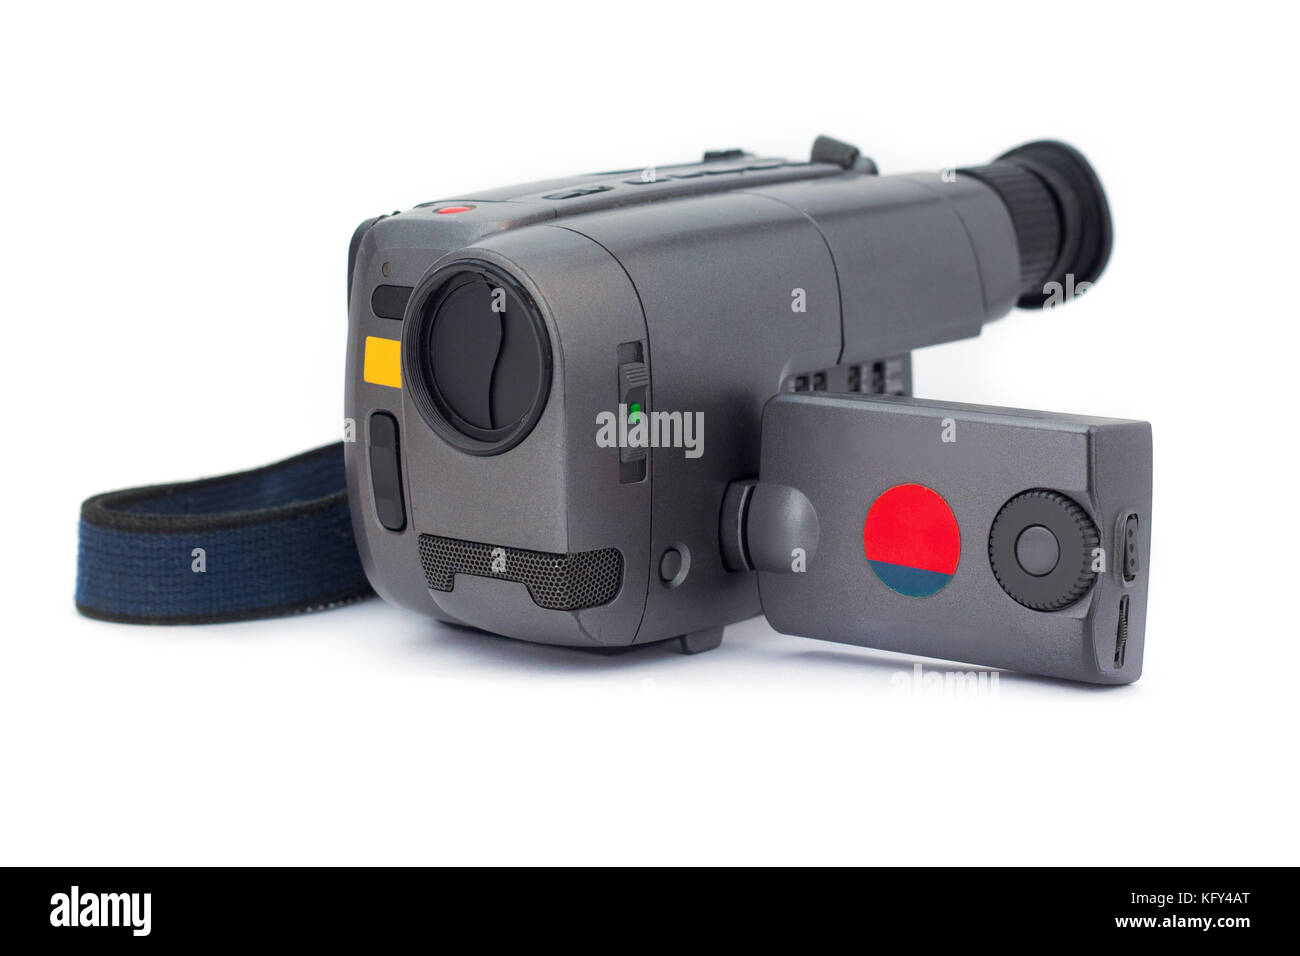 Digital MiniDV camcorder on white background - Stock Image